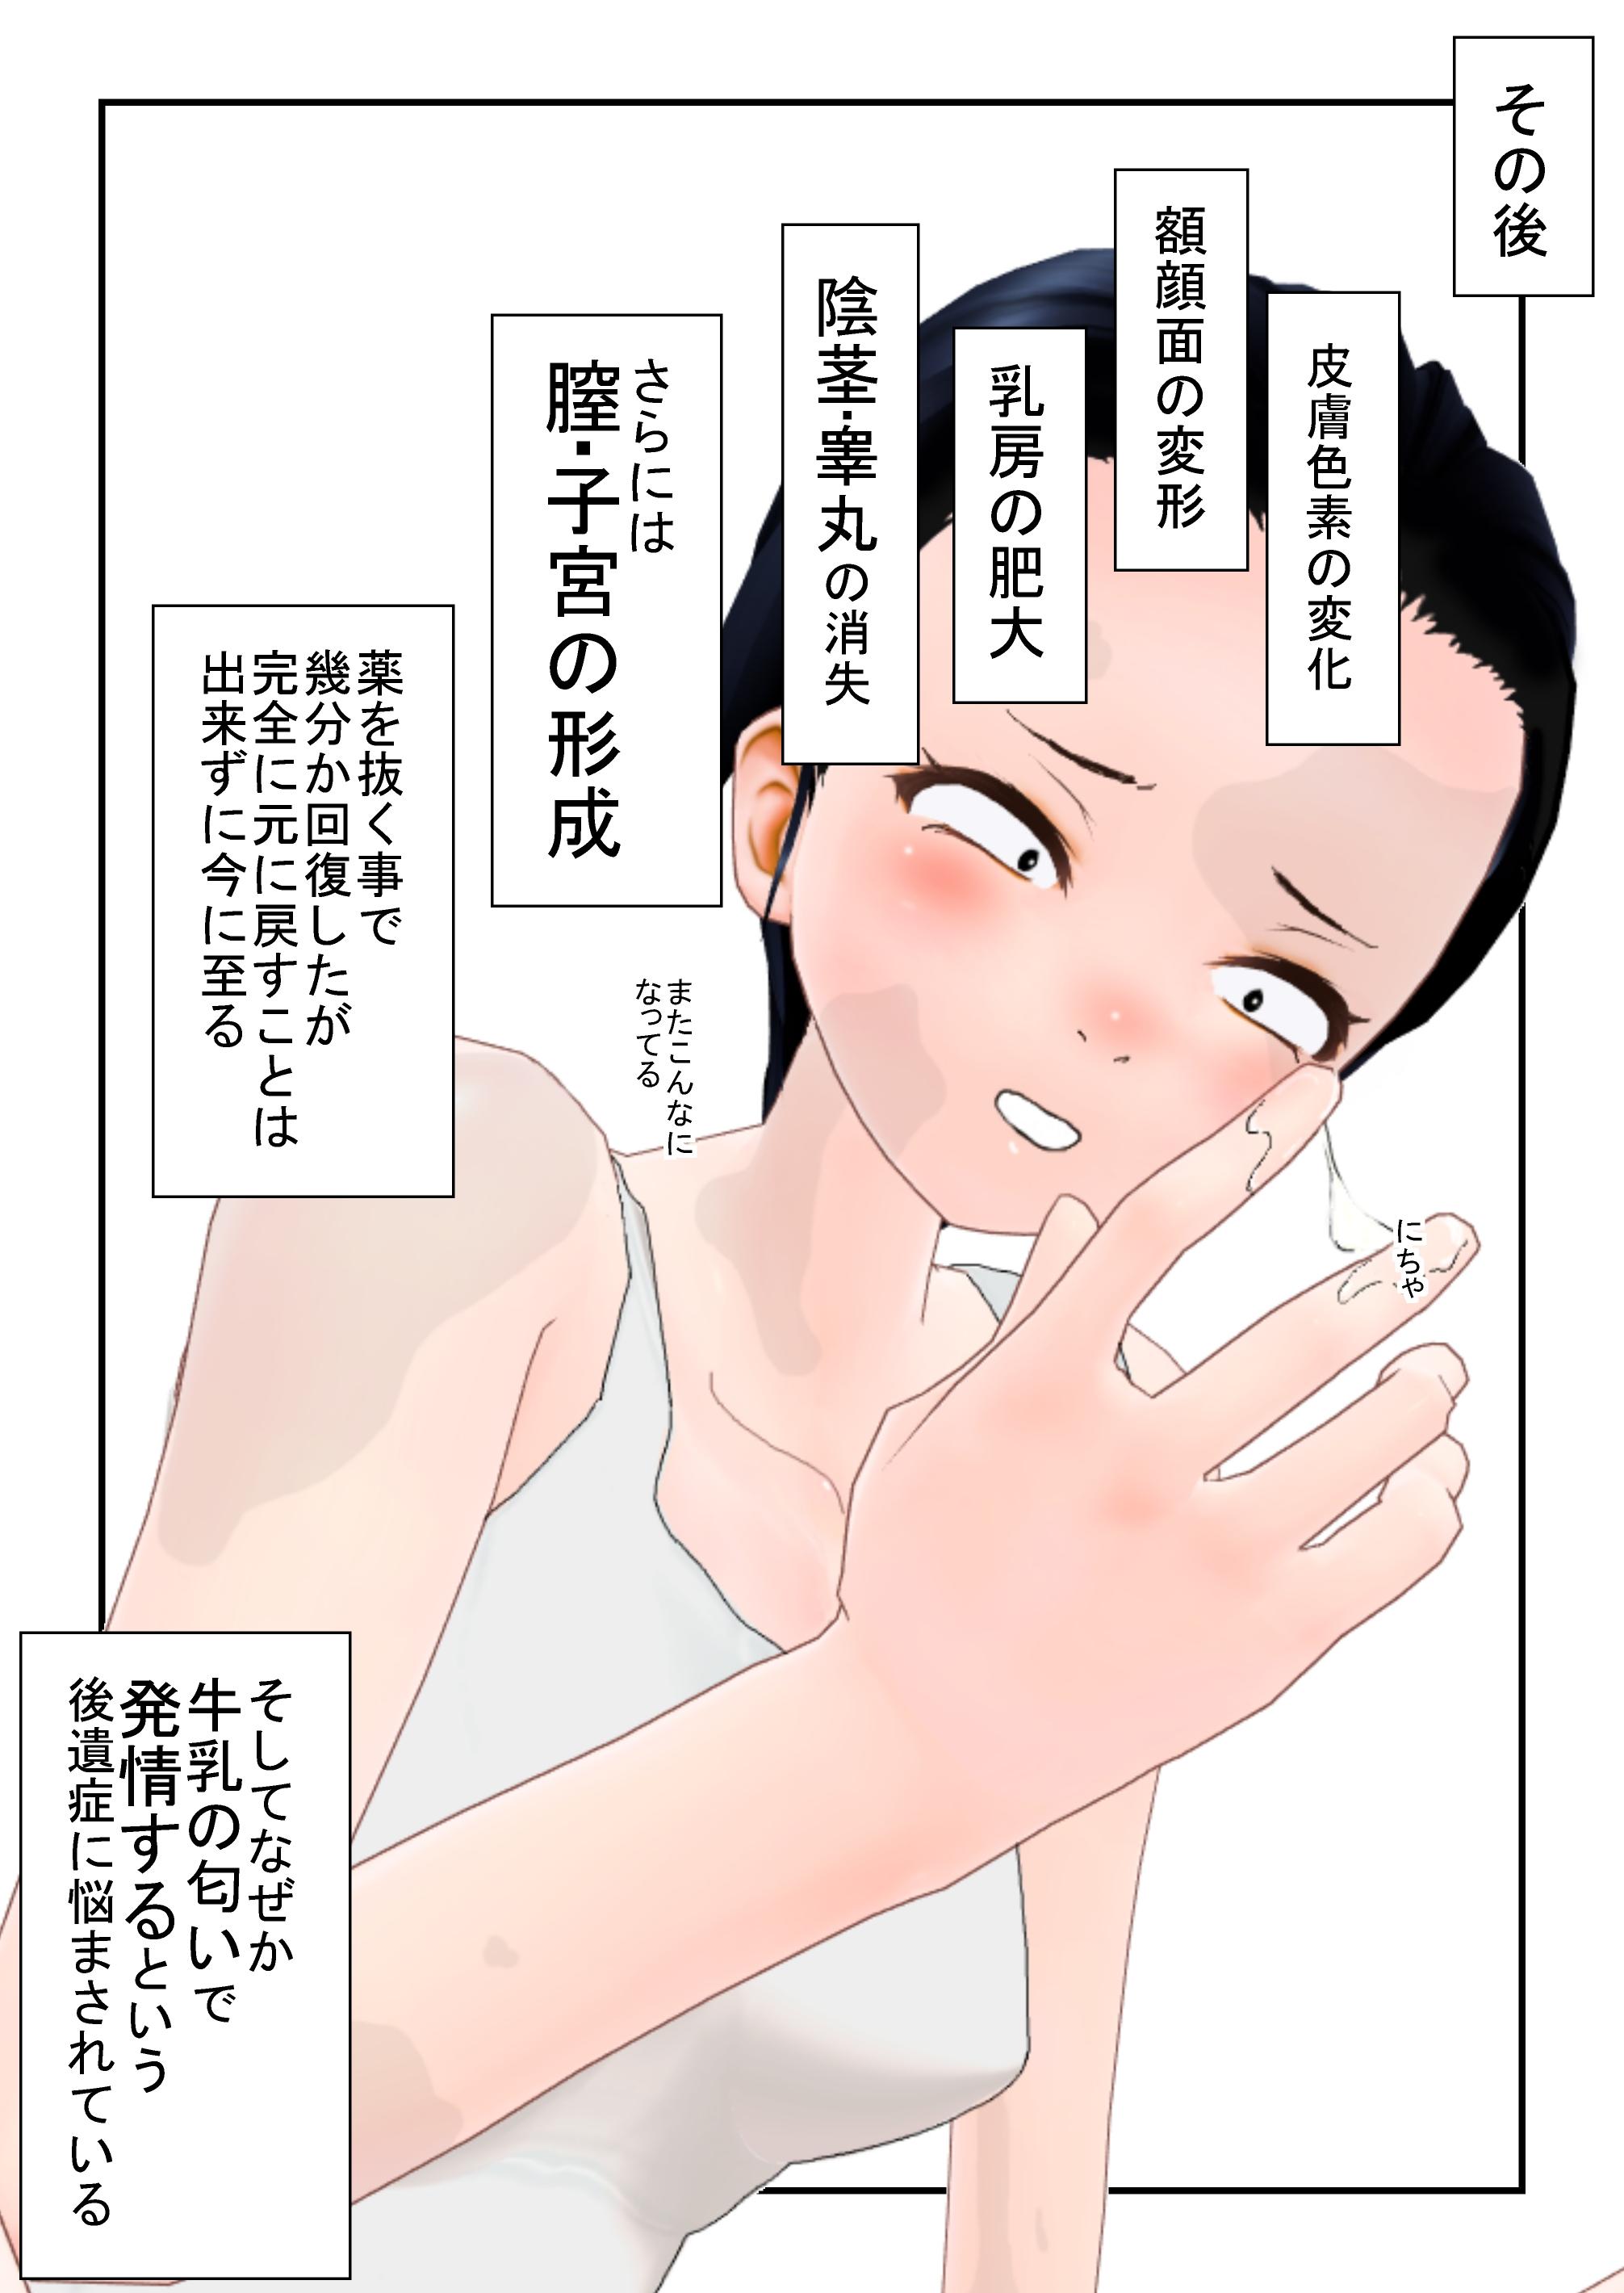 gyu_0010.jpg